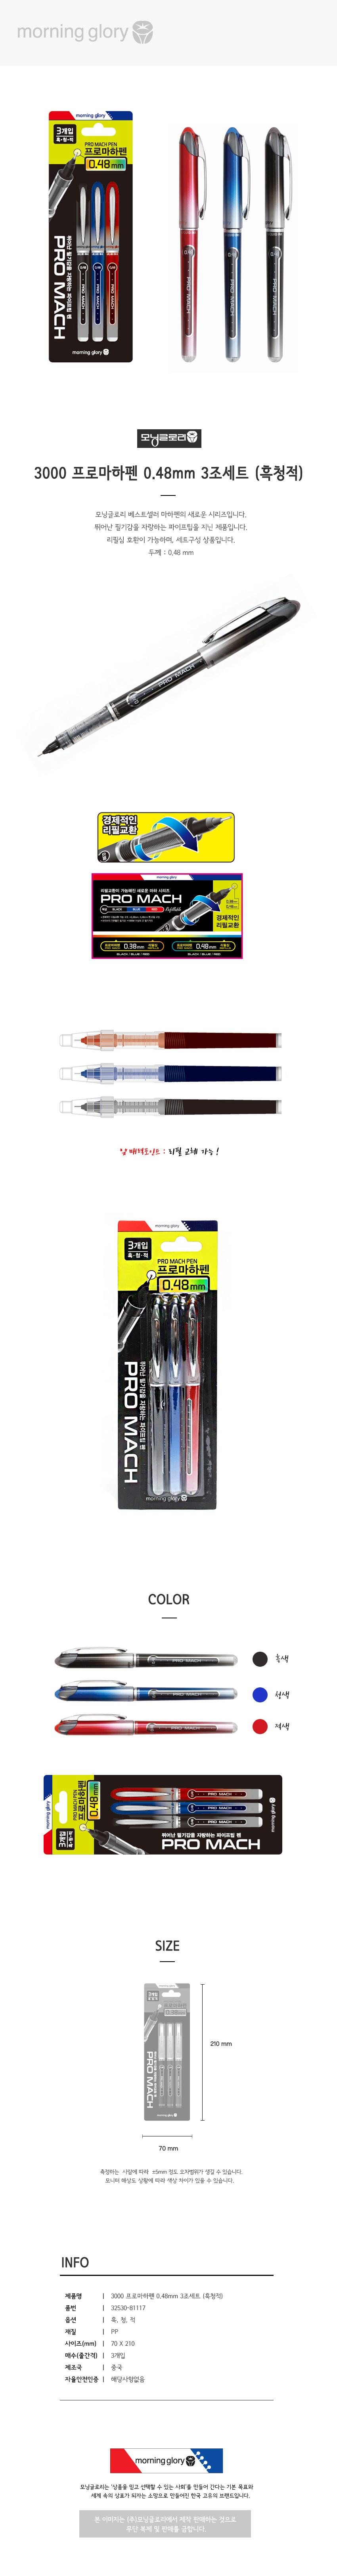 3000 프로마하펜 0.48mm 3조세트 (흑청적) - 모닝글로리, 2,400원, 수성/중성펜, 심플 펜